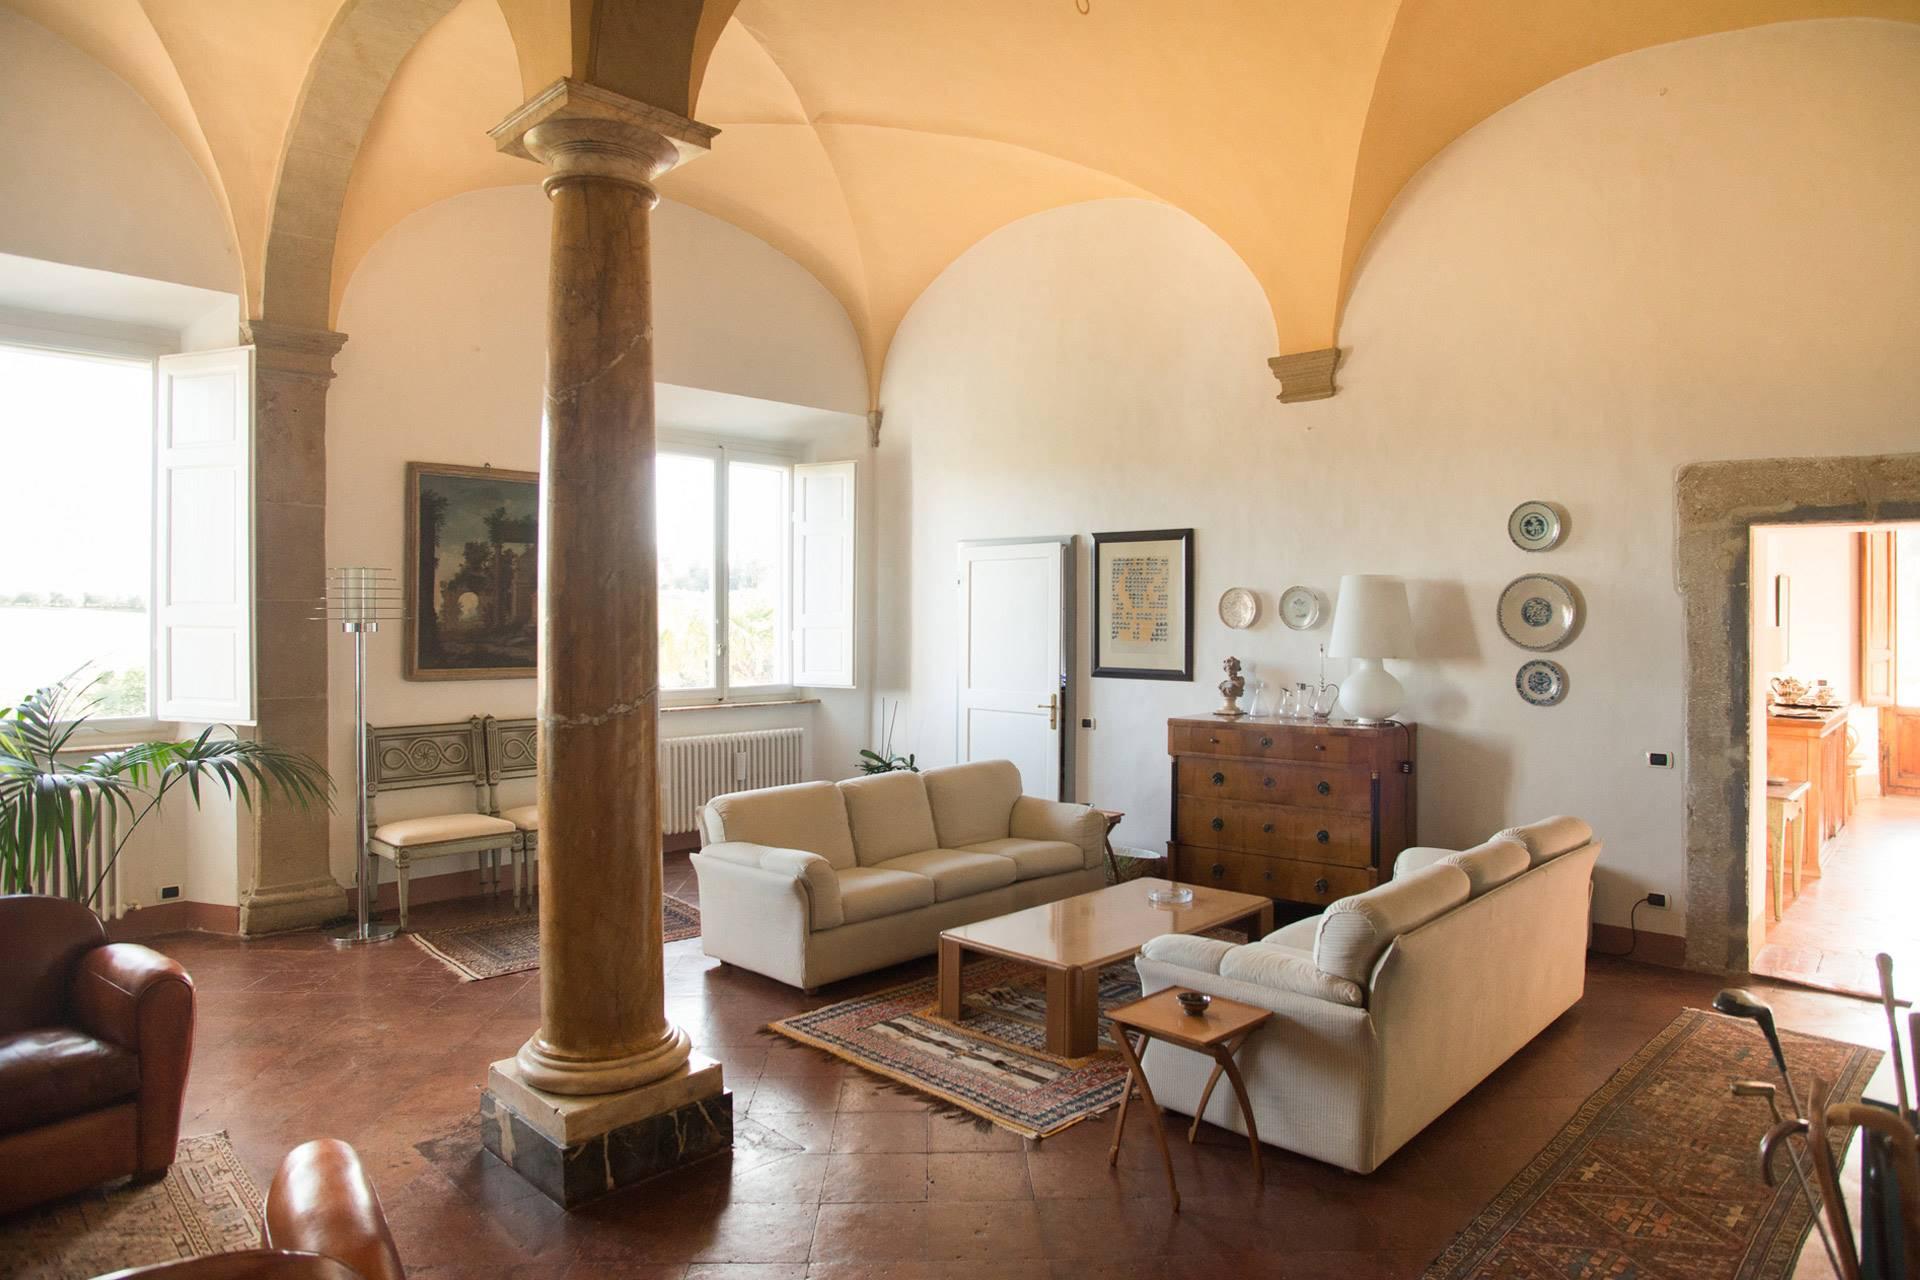 Appartamento signorile nel centro storico di Colle Val d'Elsa (Siena), all'interno di un palazzo mediceo del 1500, ristrutturato sotto la supervisione delle Belle Arti. L'appartamento è di 244 mq